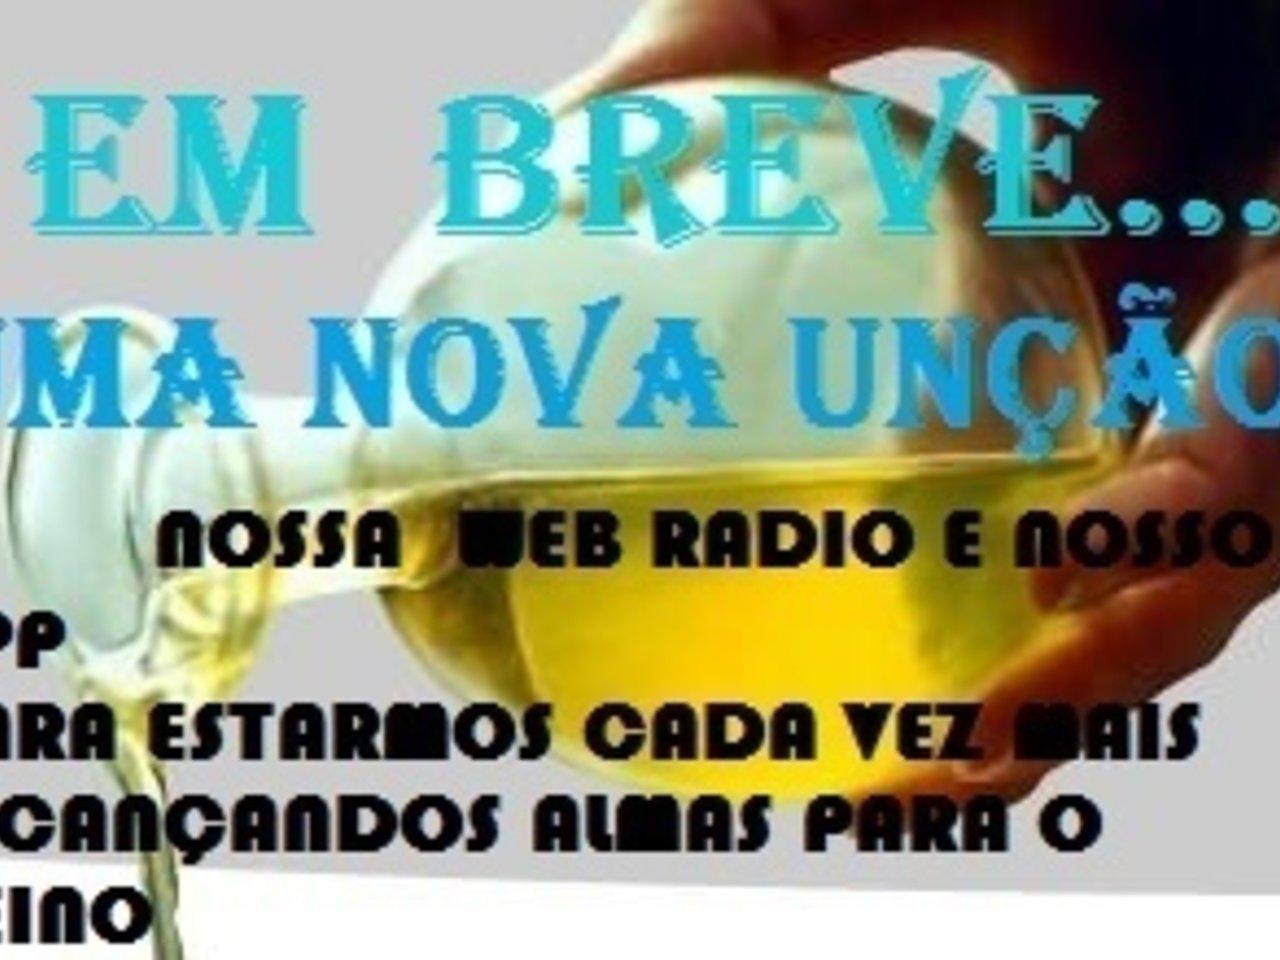 nova unçao webradio